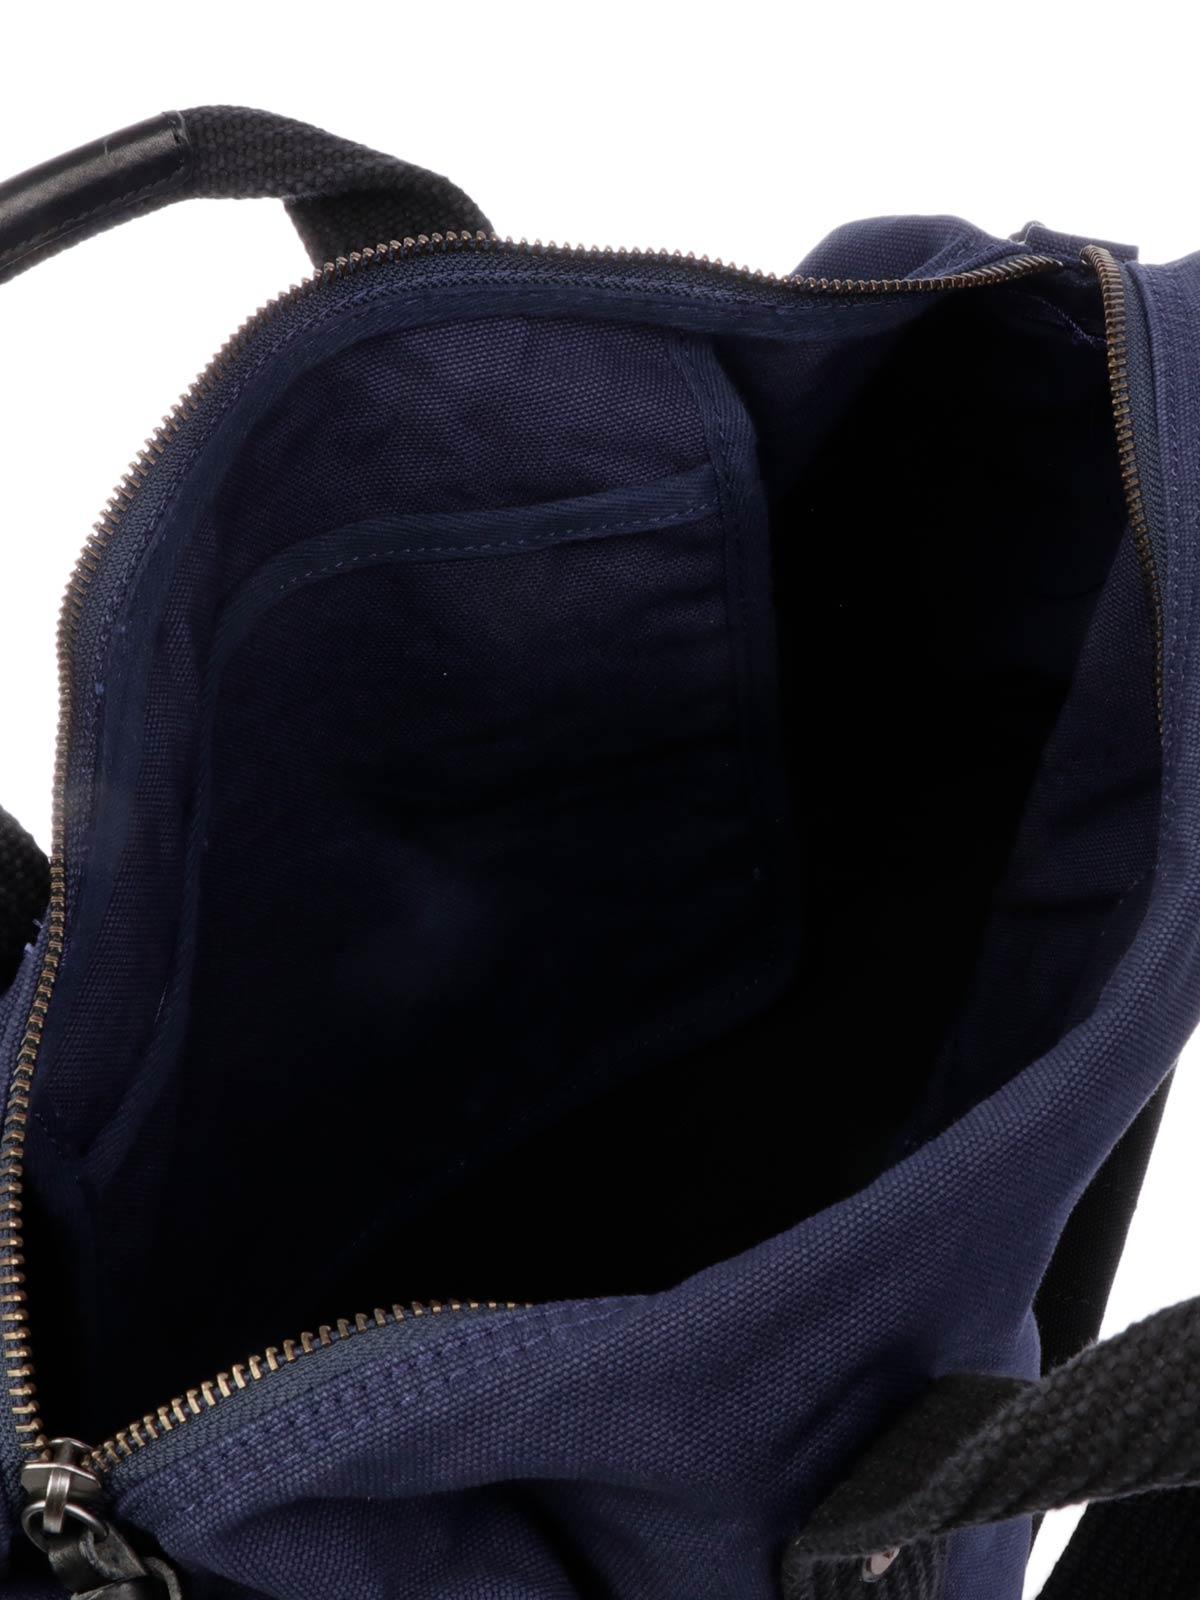 e45615dc5b78 Ralph Lauren Duffle Bag Free